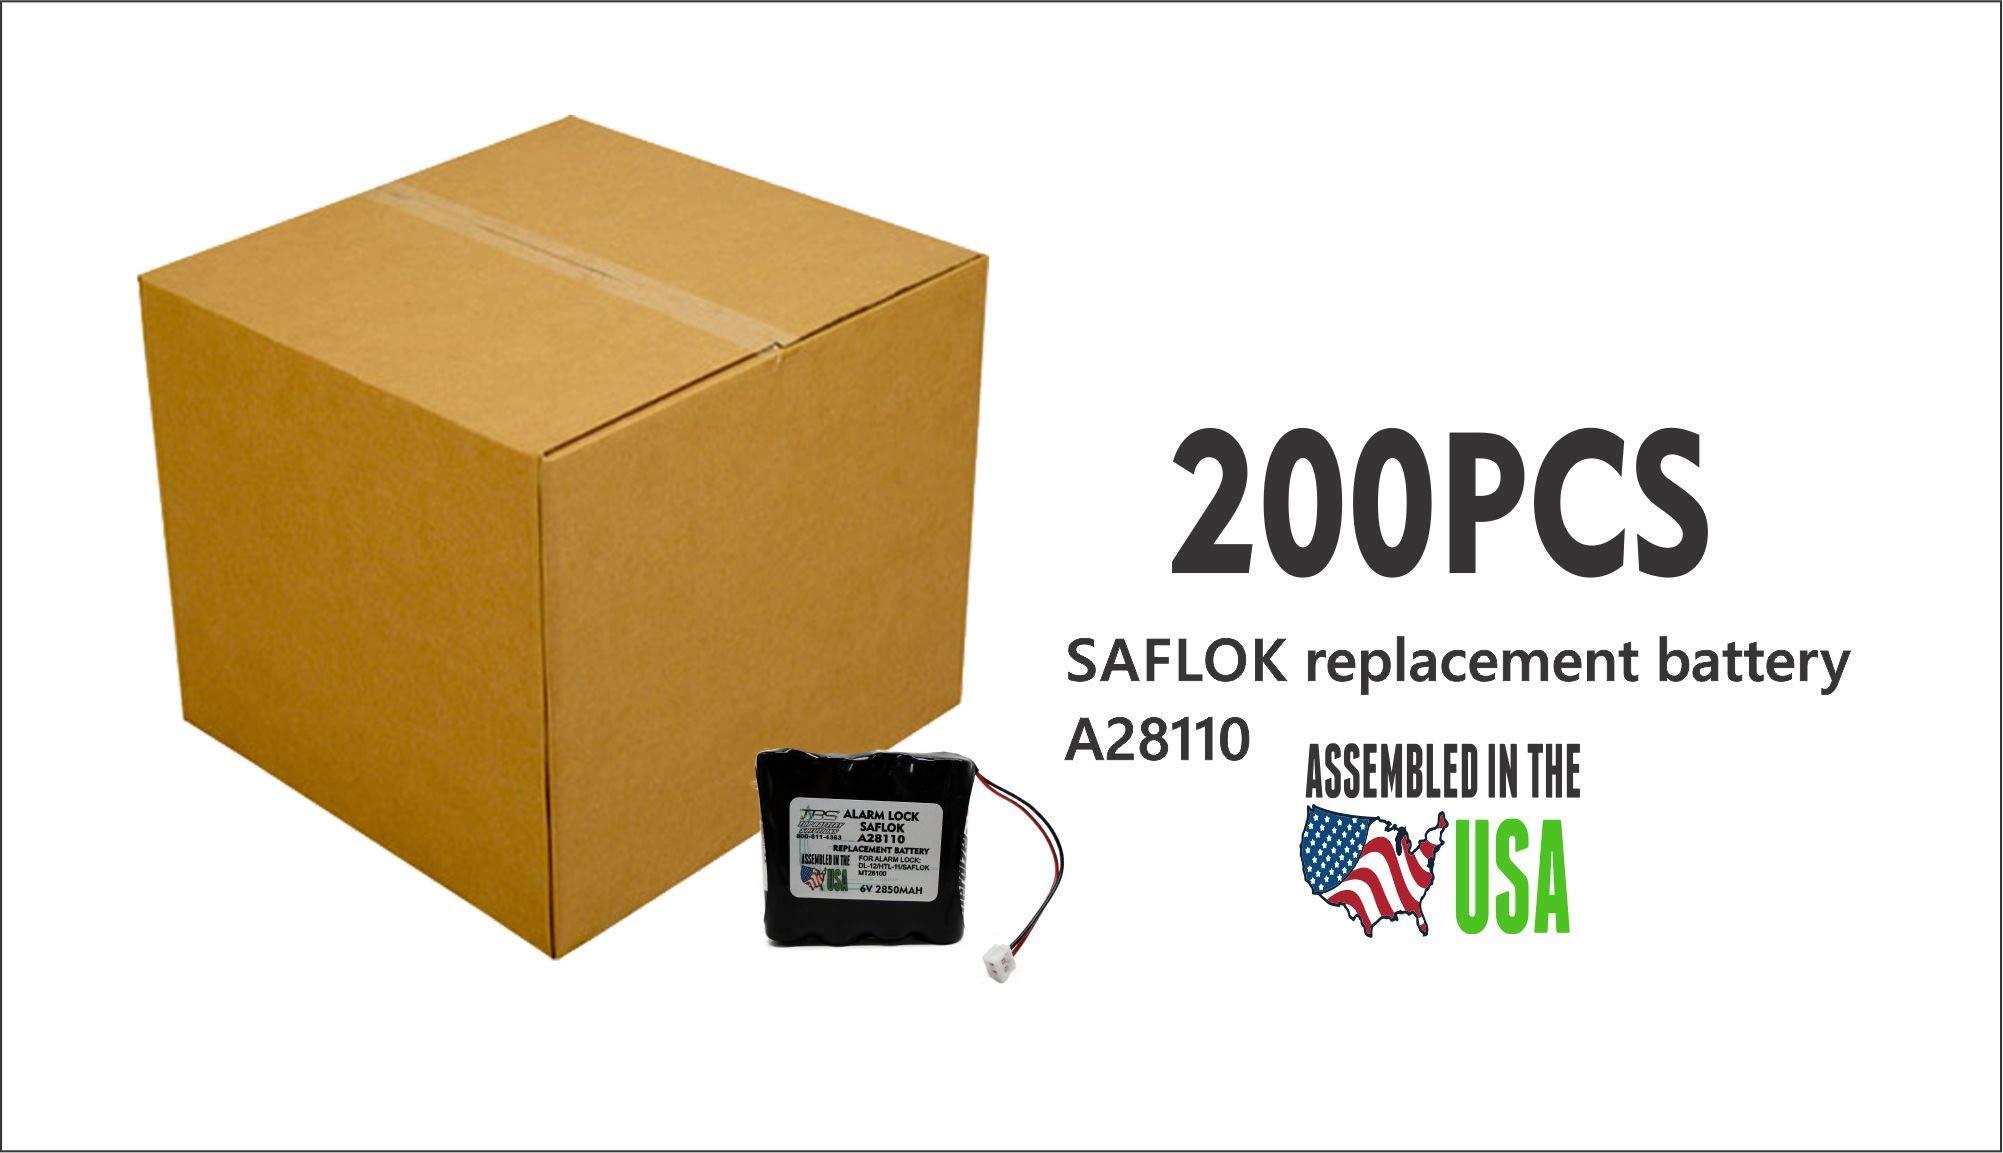 200PCS SAFLOK A28110 6V Hotel Door Lock Battery Fits 884952, A28110, A28100, DL-12/4, HTL-11/13, Intellis, MT